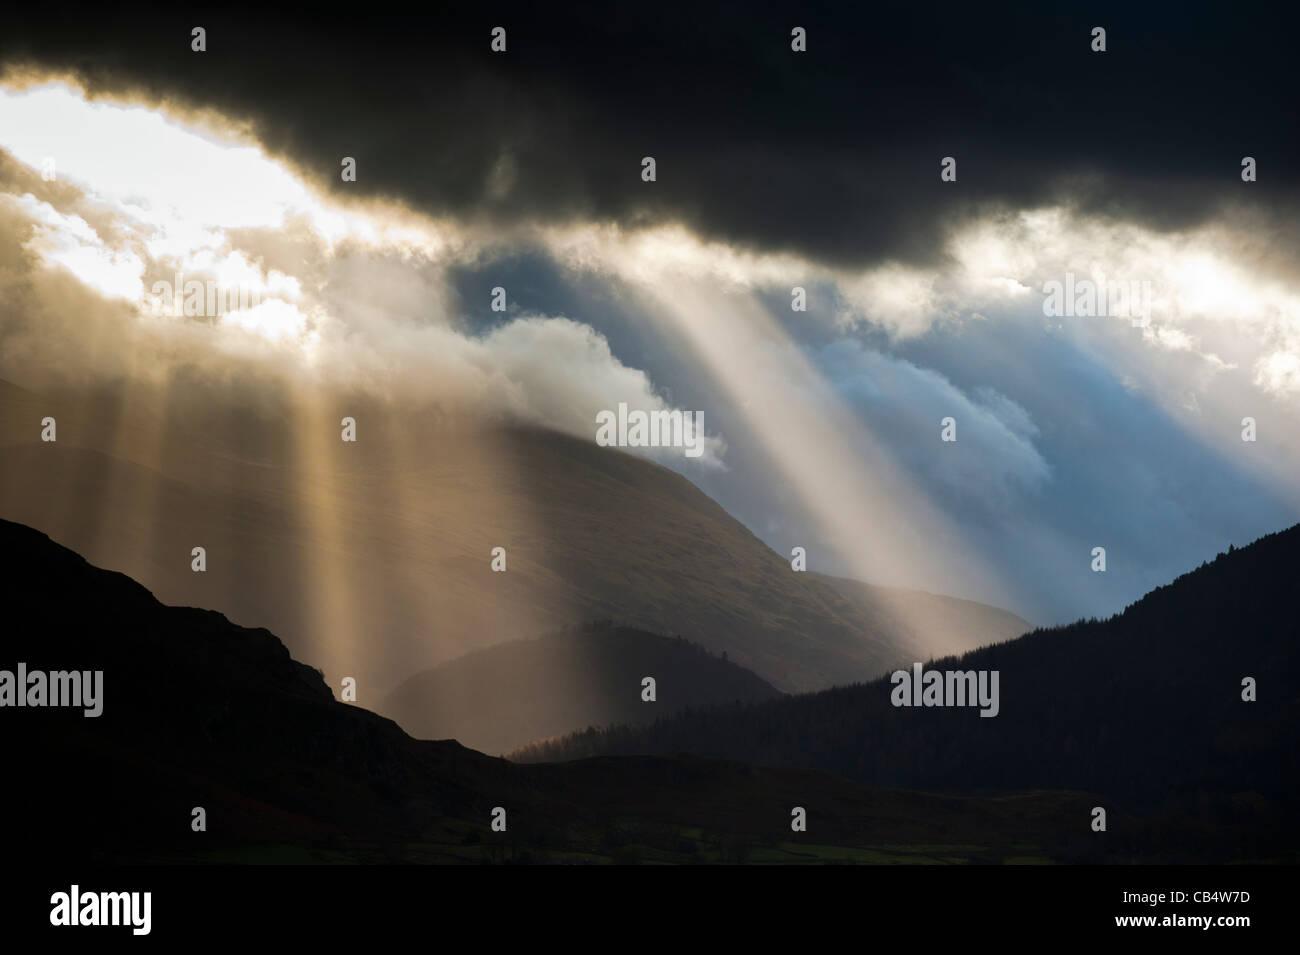 Dramatische Gewitterhimmel über Hügel und Berge im Lake District Cumbria England UK Stockbild